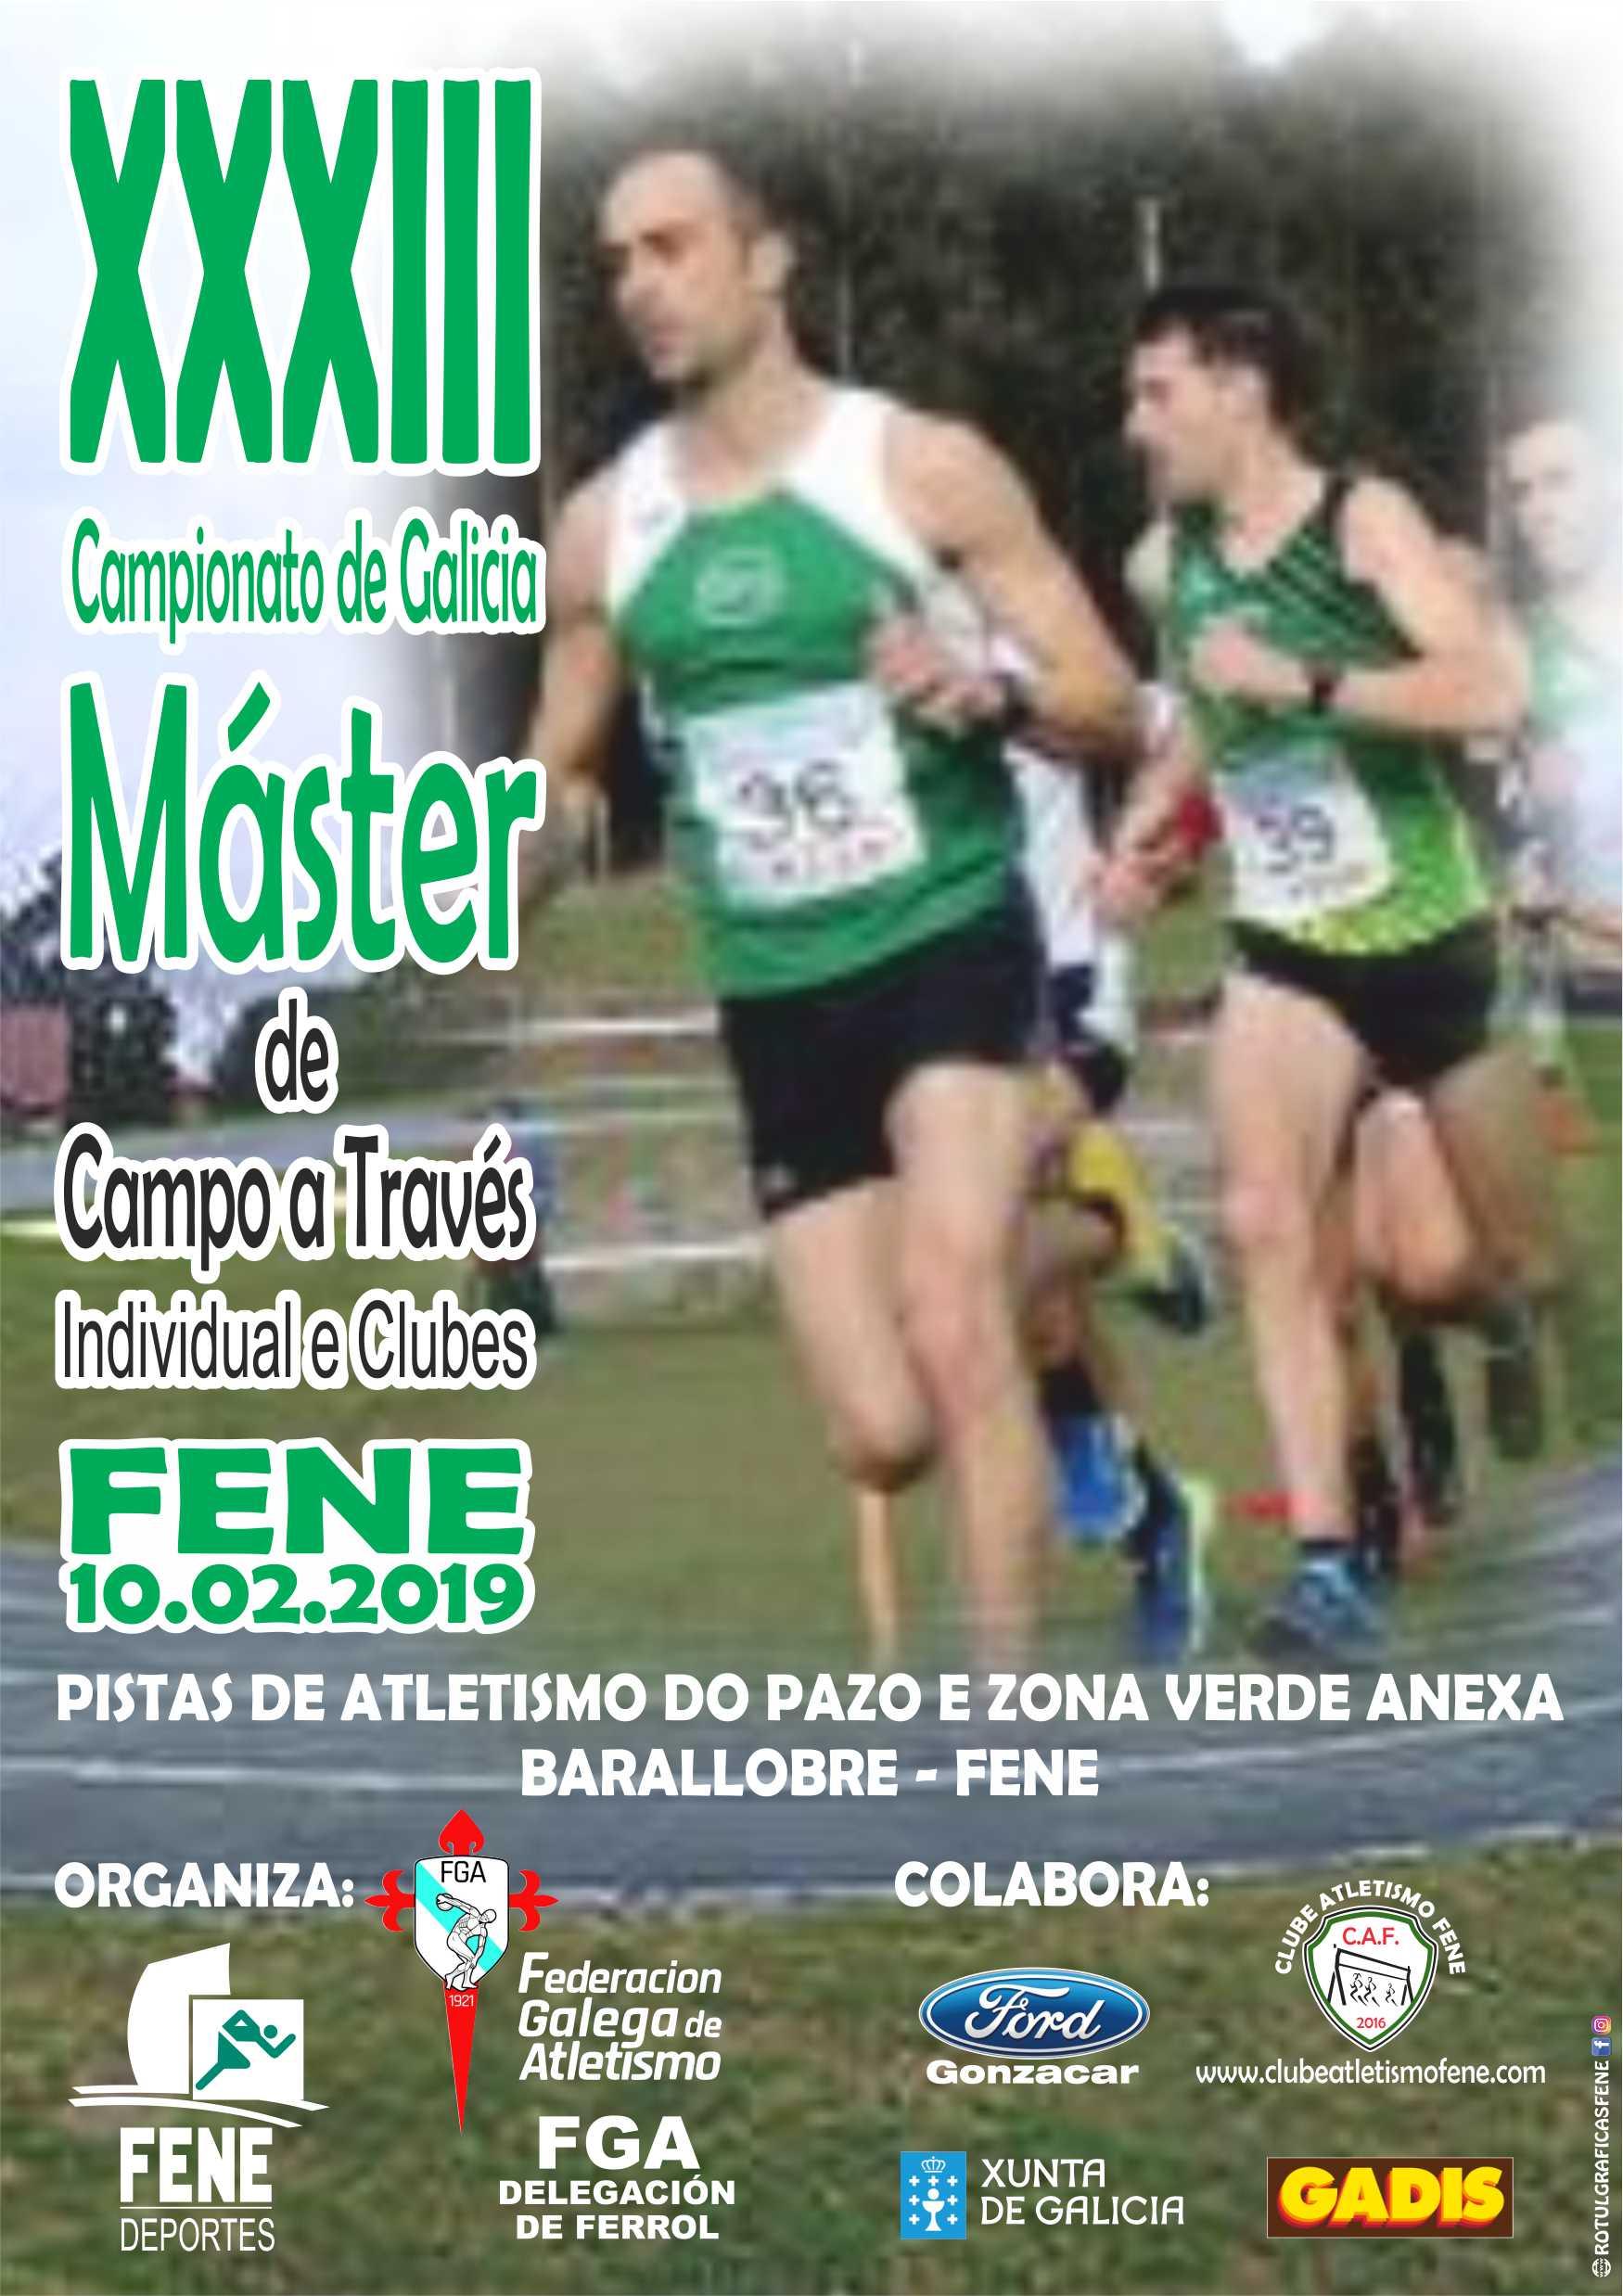 XXXIII Campionato de Galicia Máster de Campo a Través Individual e Clubs